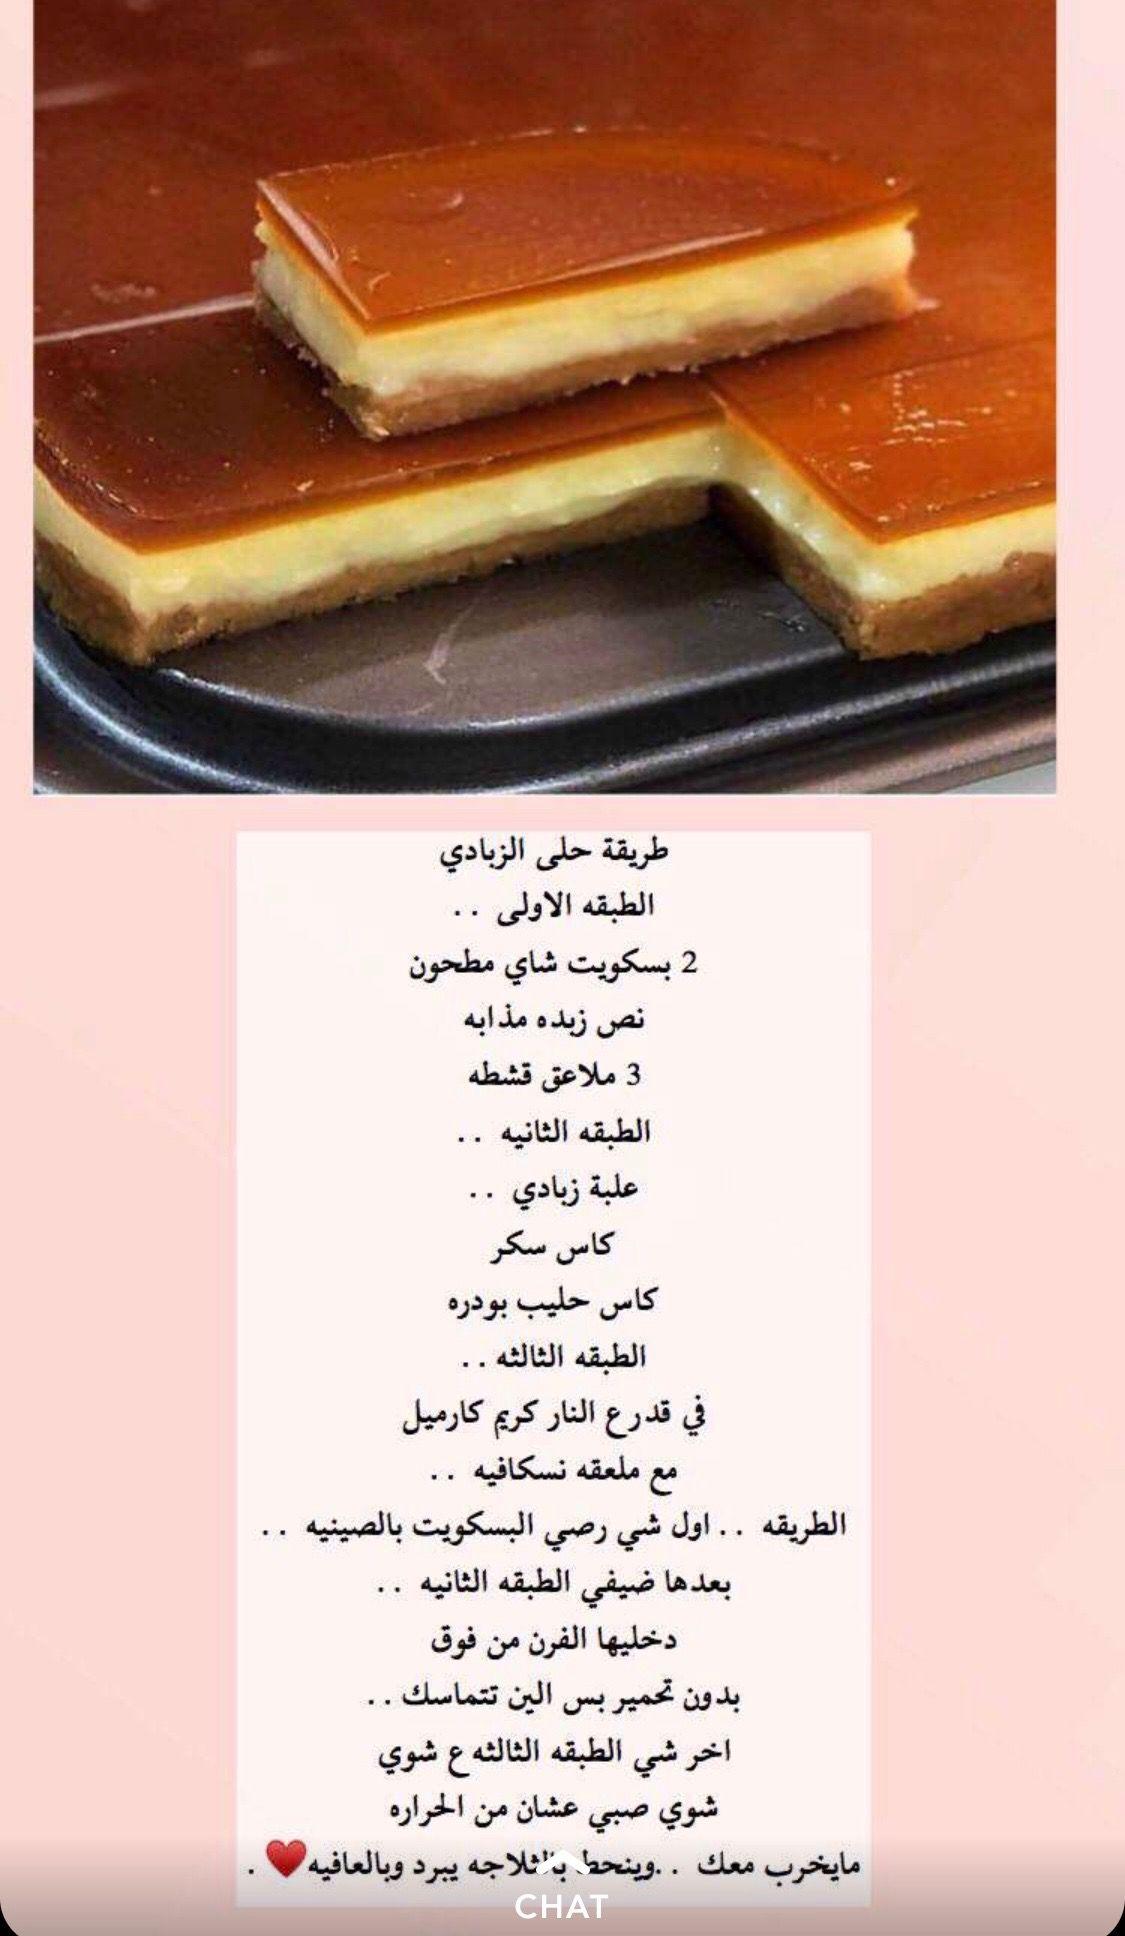 Pin By Samar Anan On طبخات Diy Food Recipes Helthy Food Yummy Food Dessert